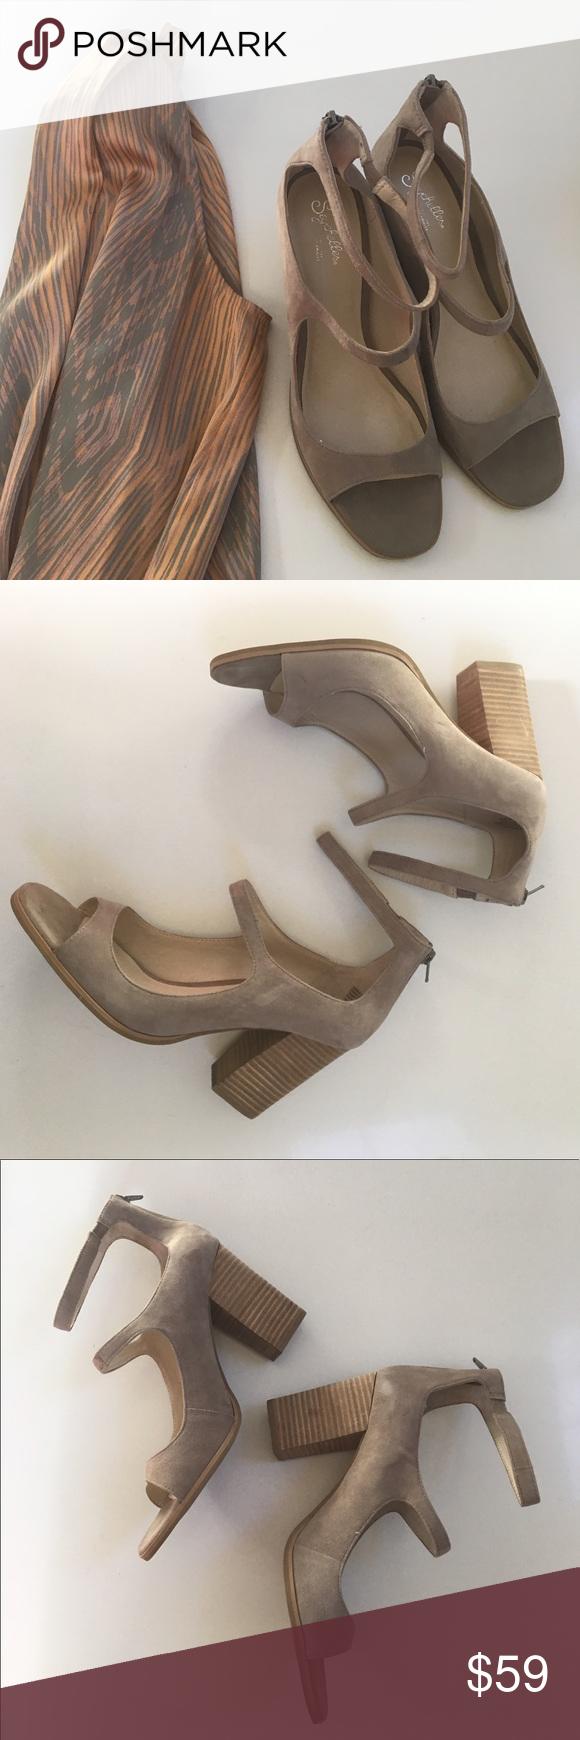 NWOT { Seychelles} heels Seychelles heels in suede, comfy ...